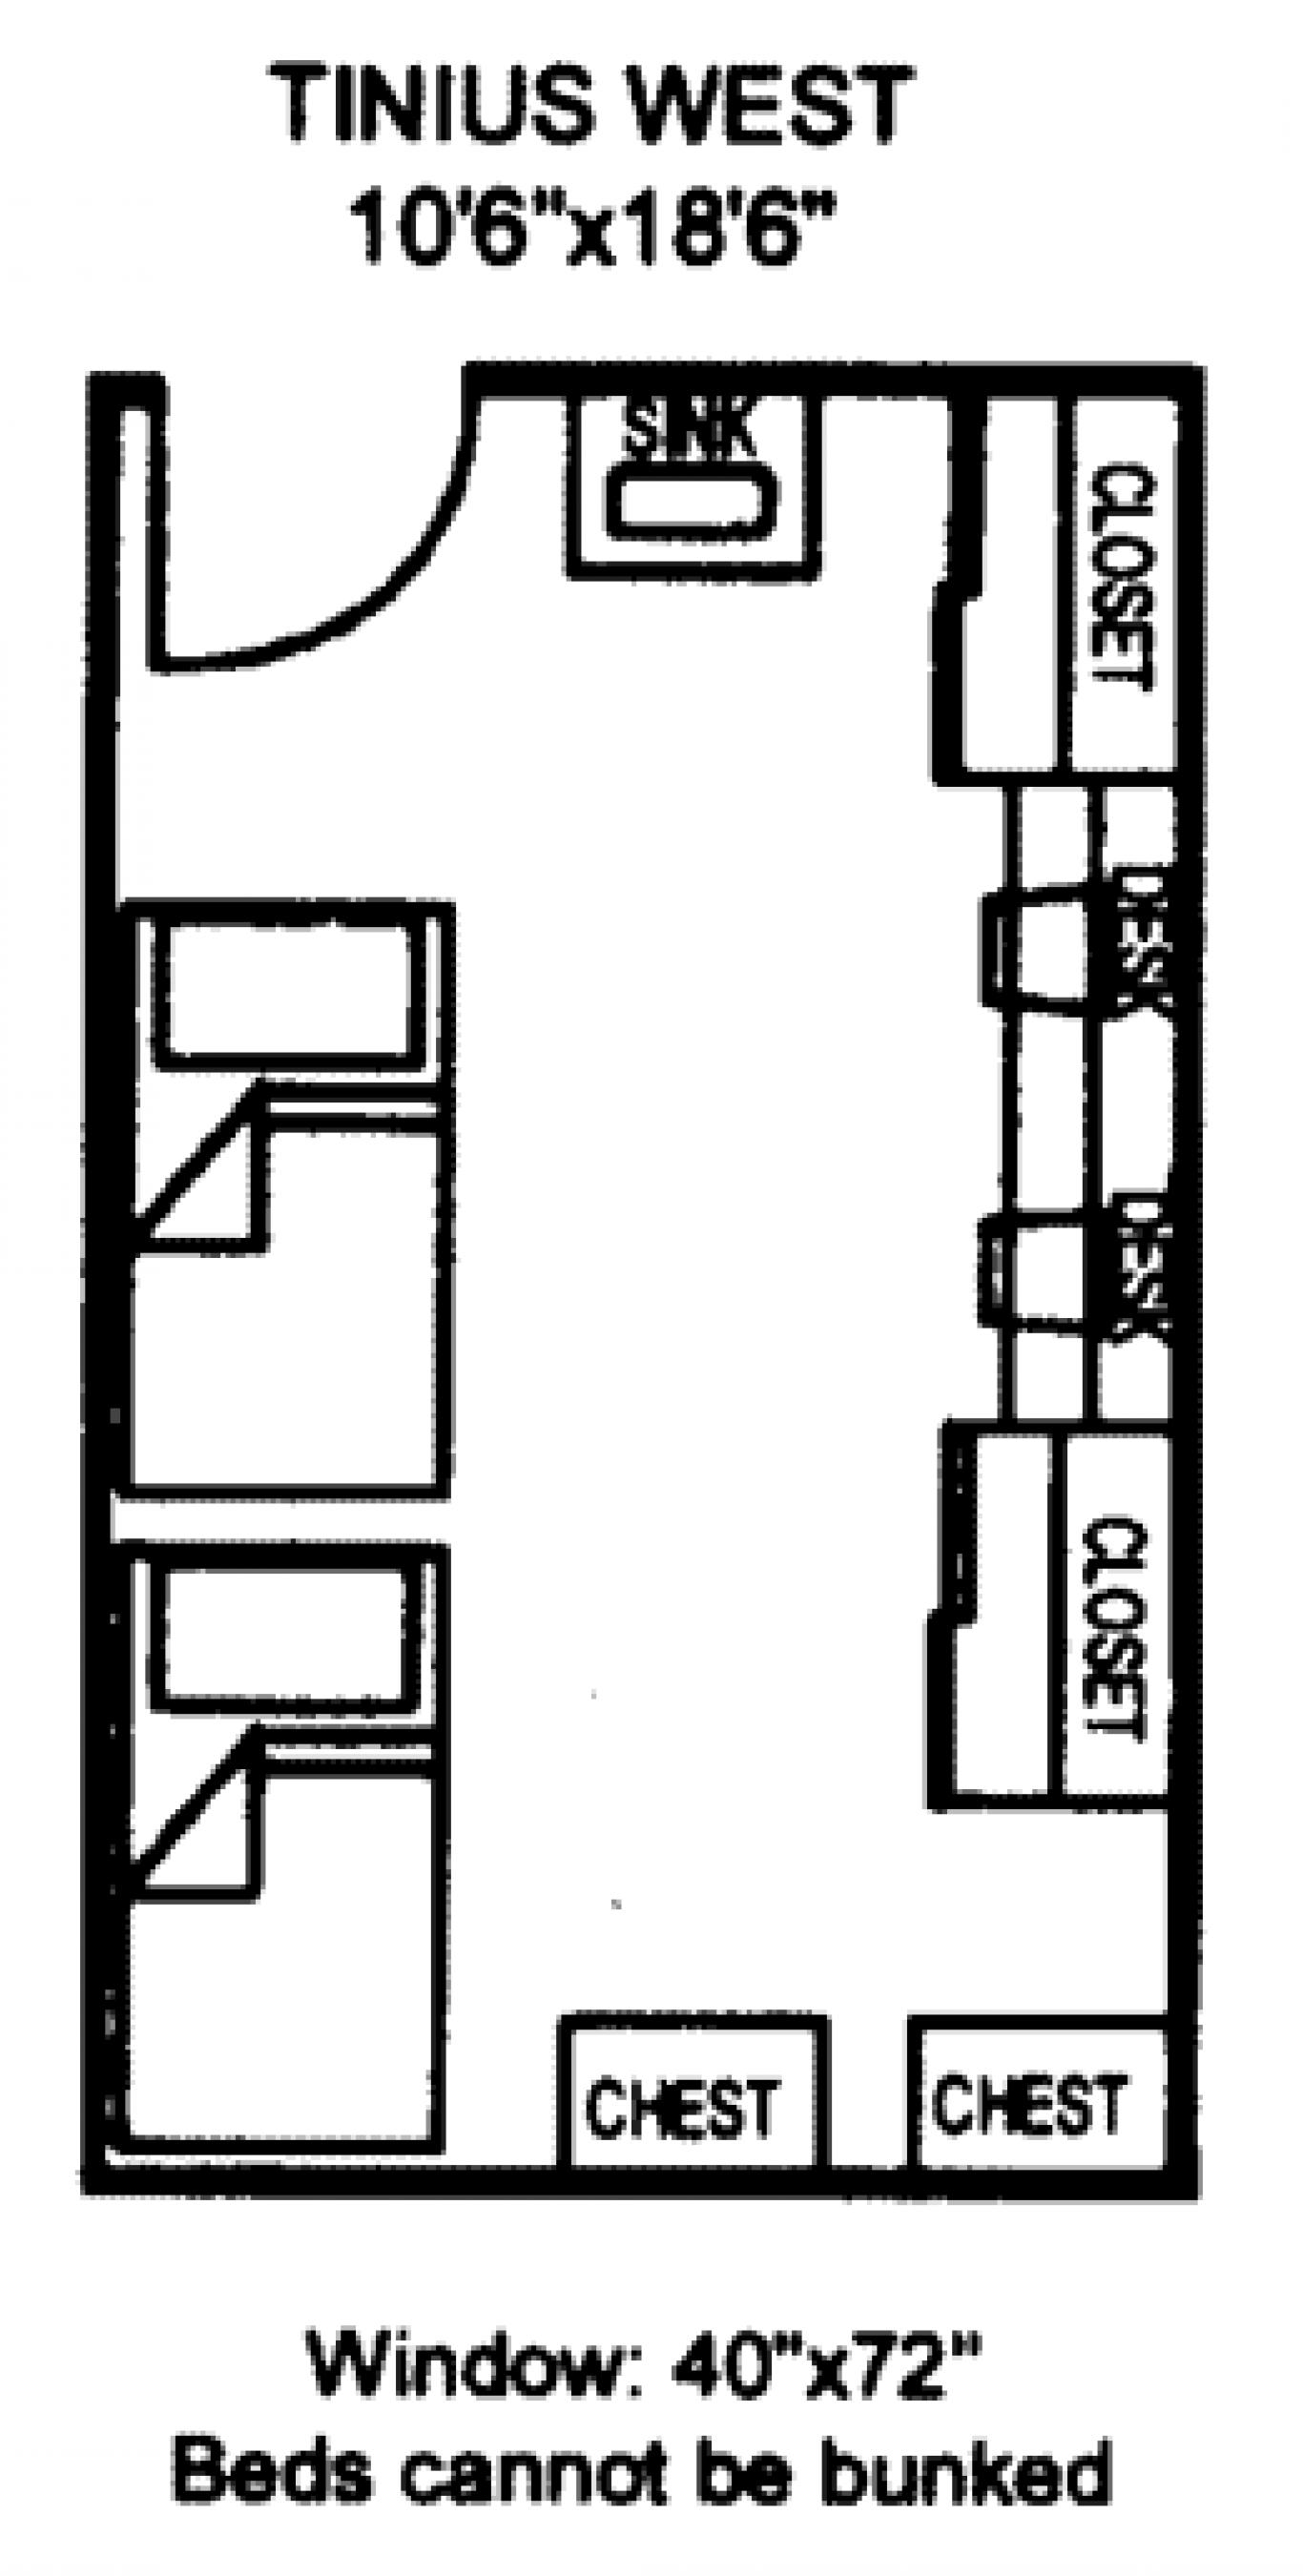 Tinius West floorplan